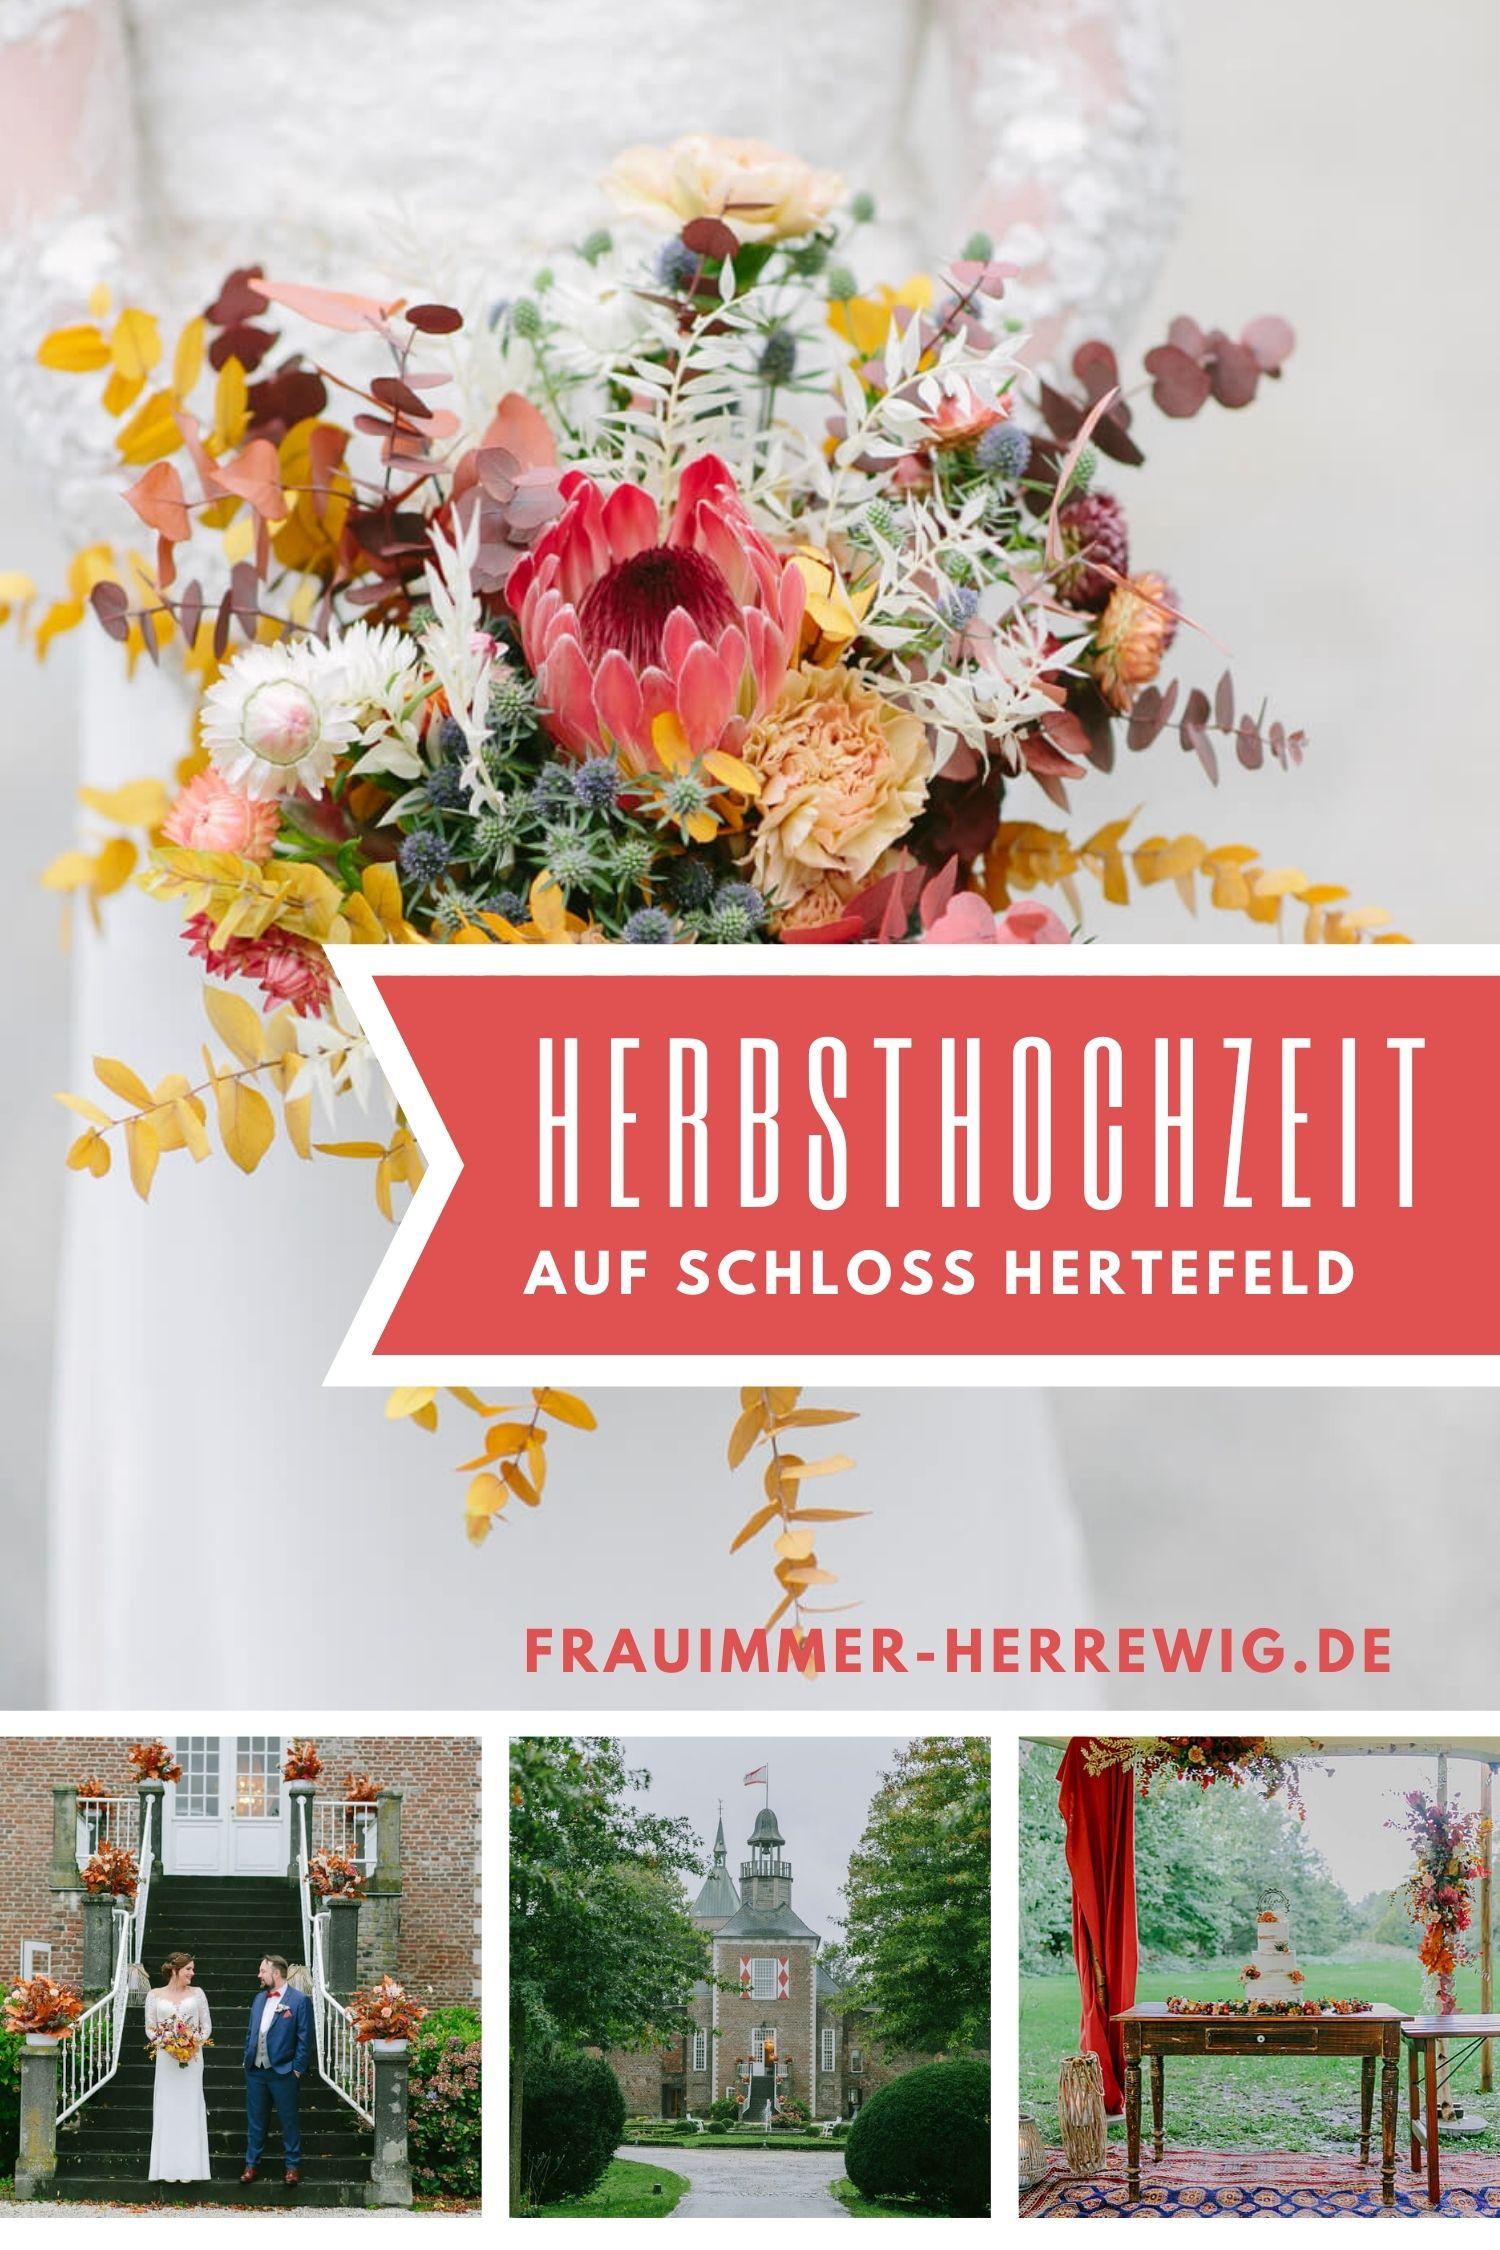 Herbsthochzeit schloss hertefeld – gesehen bei frauimmer-herrewig.de